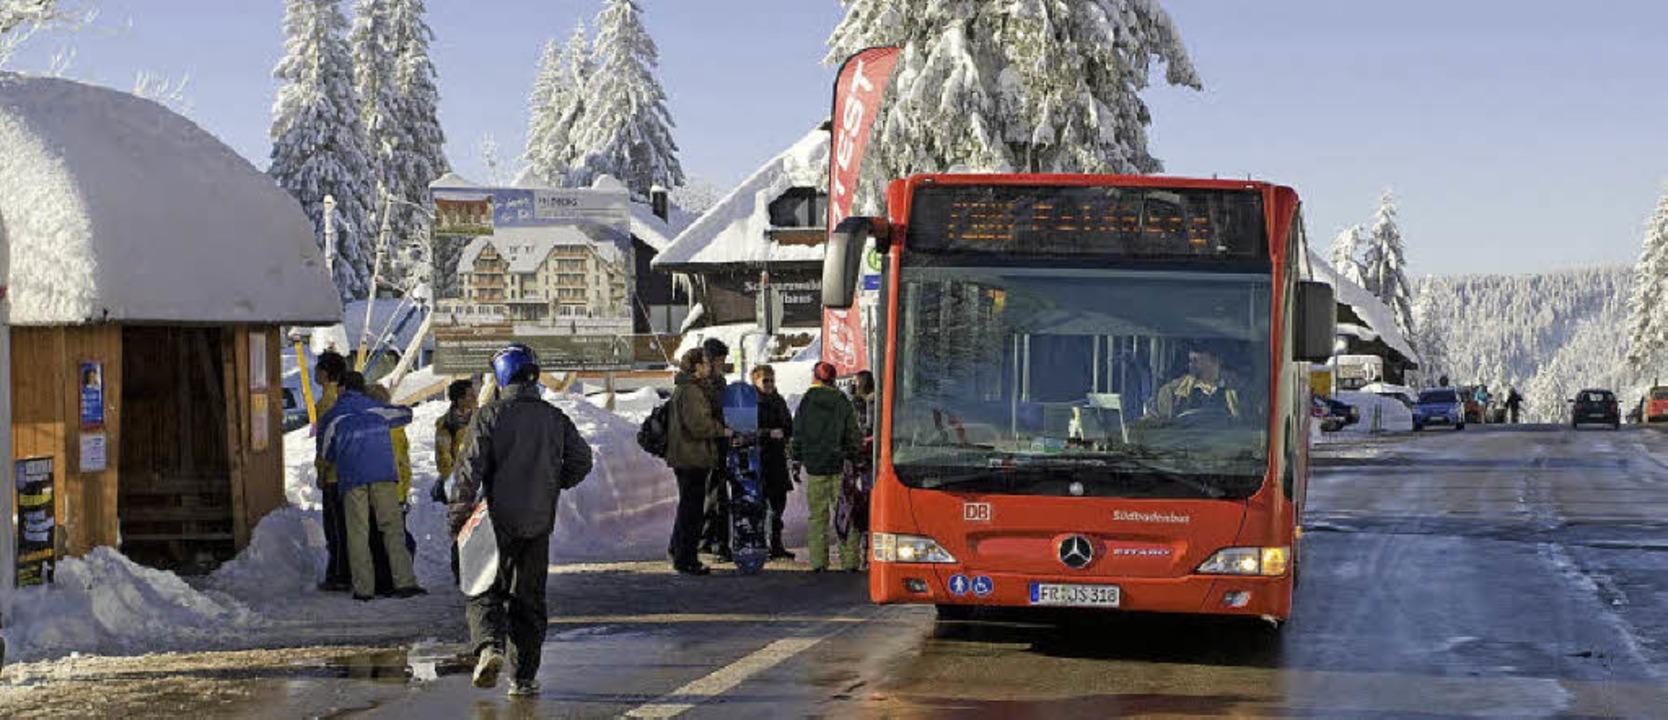 Der öffentliche Nahverkehr ist gerade im ländlichen Raum von großer Bedeutung.   | Foto: Jürgen Glocke